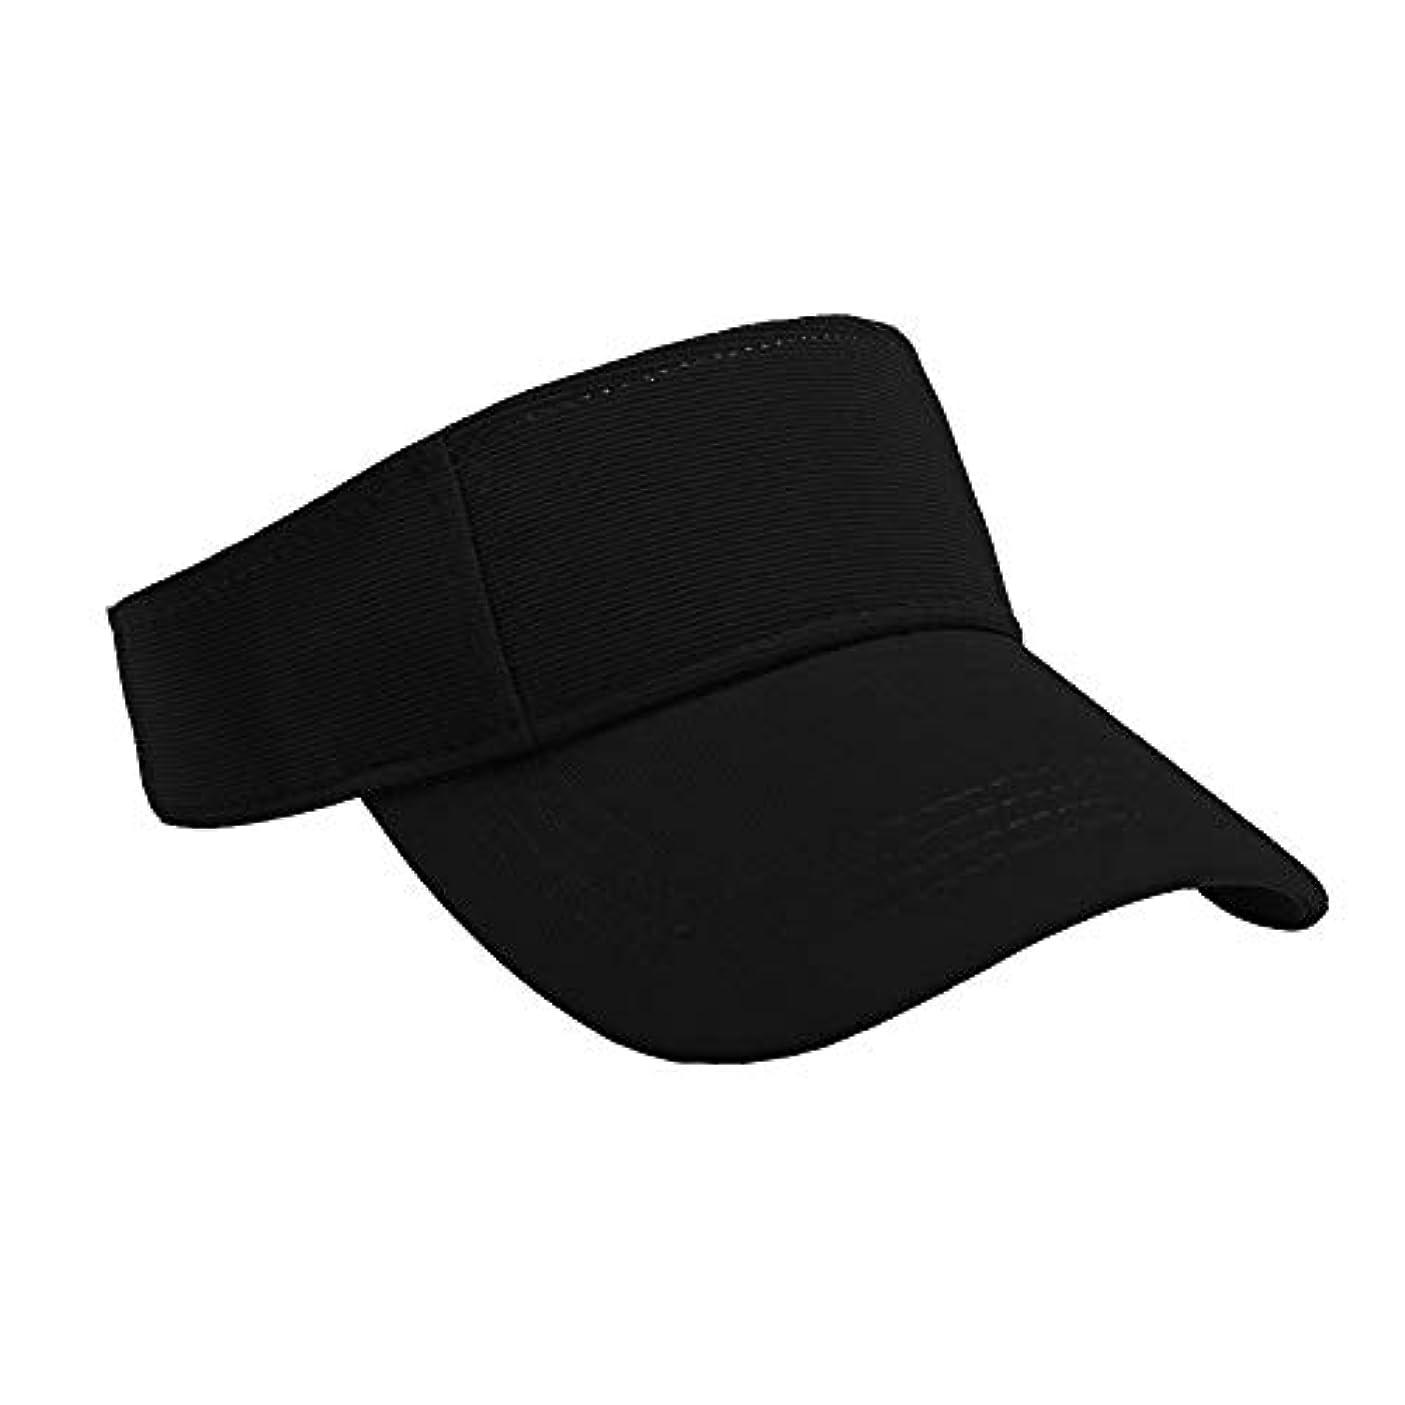 今まで主流ハントMerssavo ユニセックスサマースポーツキャップ、サン帽子レディーステニスゴルフバイザーメッシュ野球帽、調節可能な屋外オープントップヘッドトラベルハイキング帽子、黒